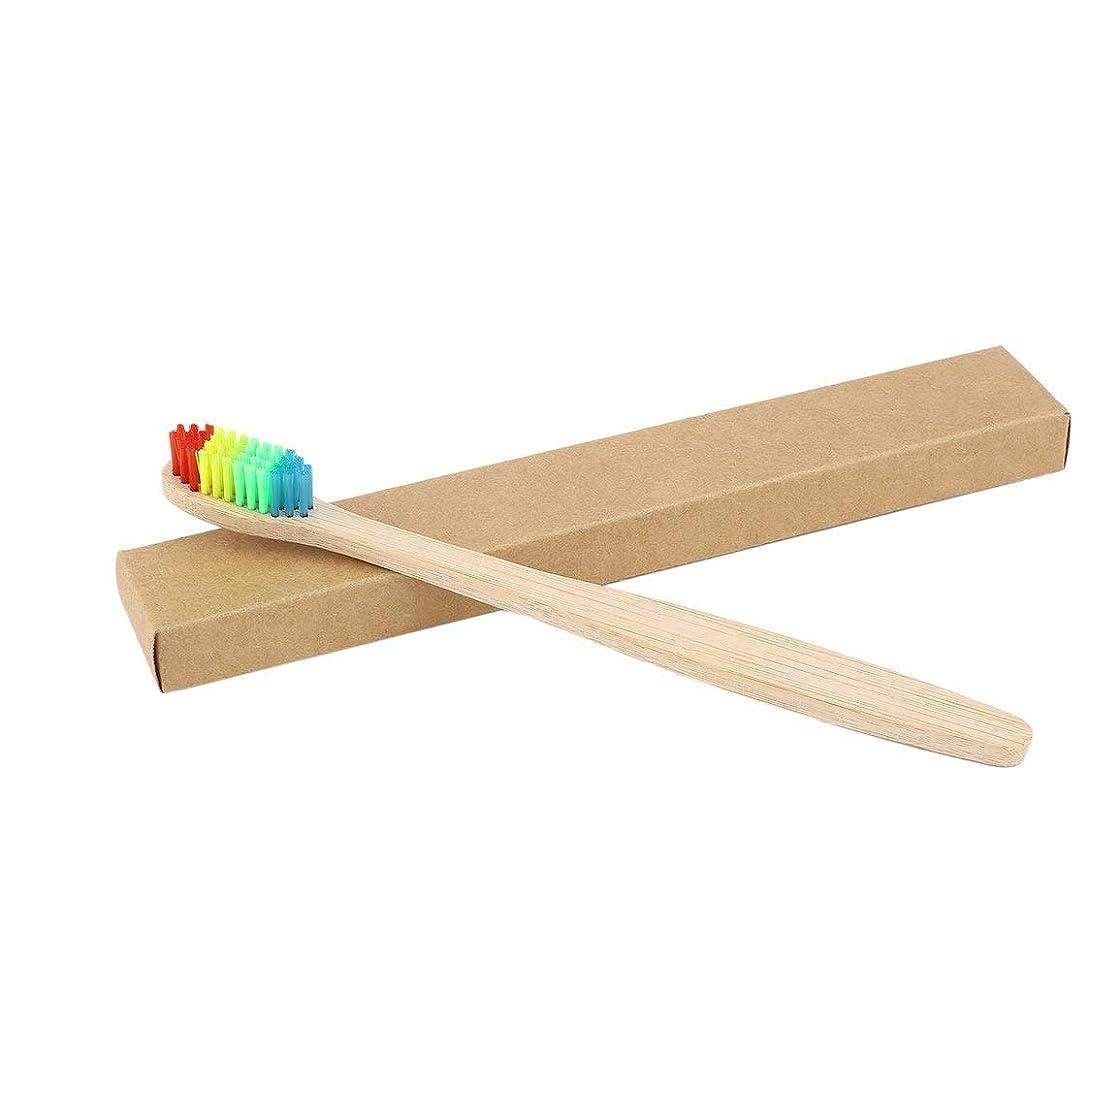 くしゃくしゃするだろう激怒カラフルな髪+竹のハンドル歯ブラシ環境木製の虹竹の歯ブラシオーラルケアソフト剛毛ユニセックス - ウッドカラー+カラフル